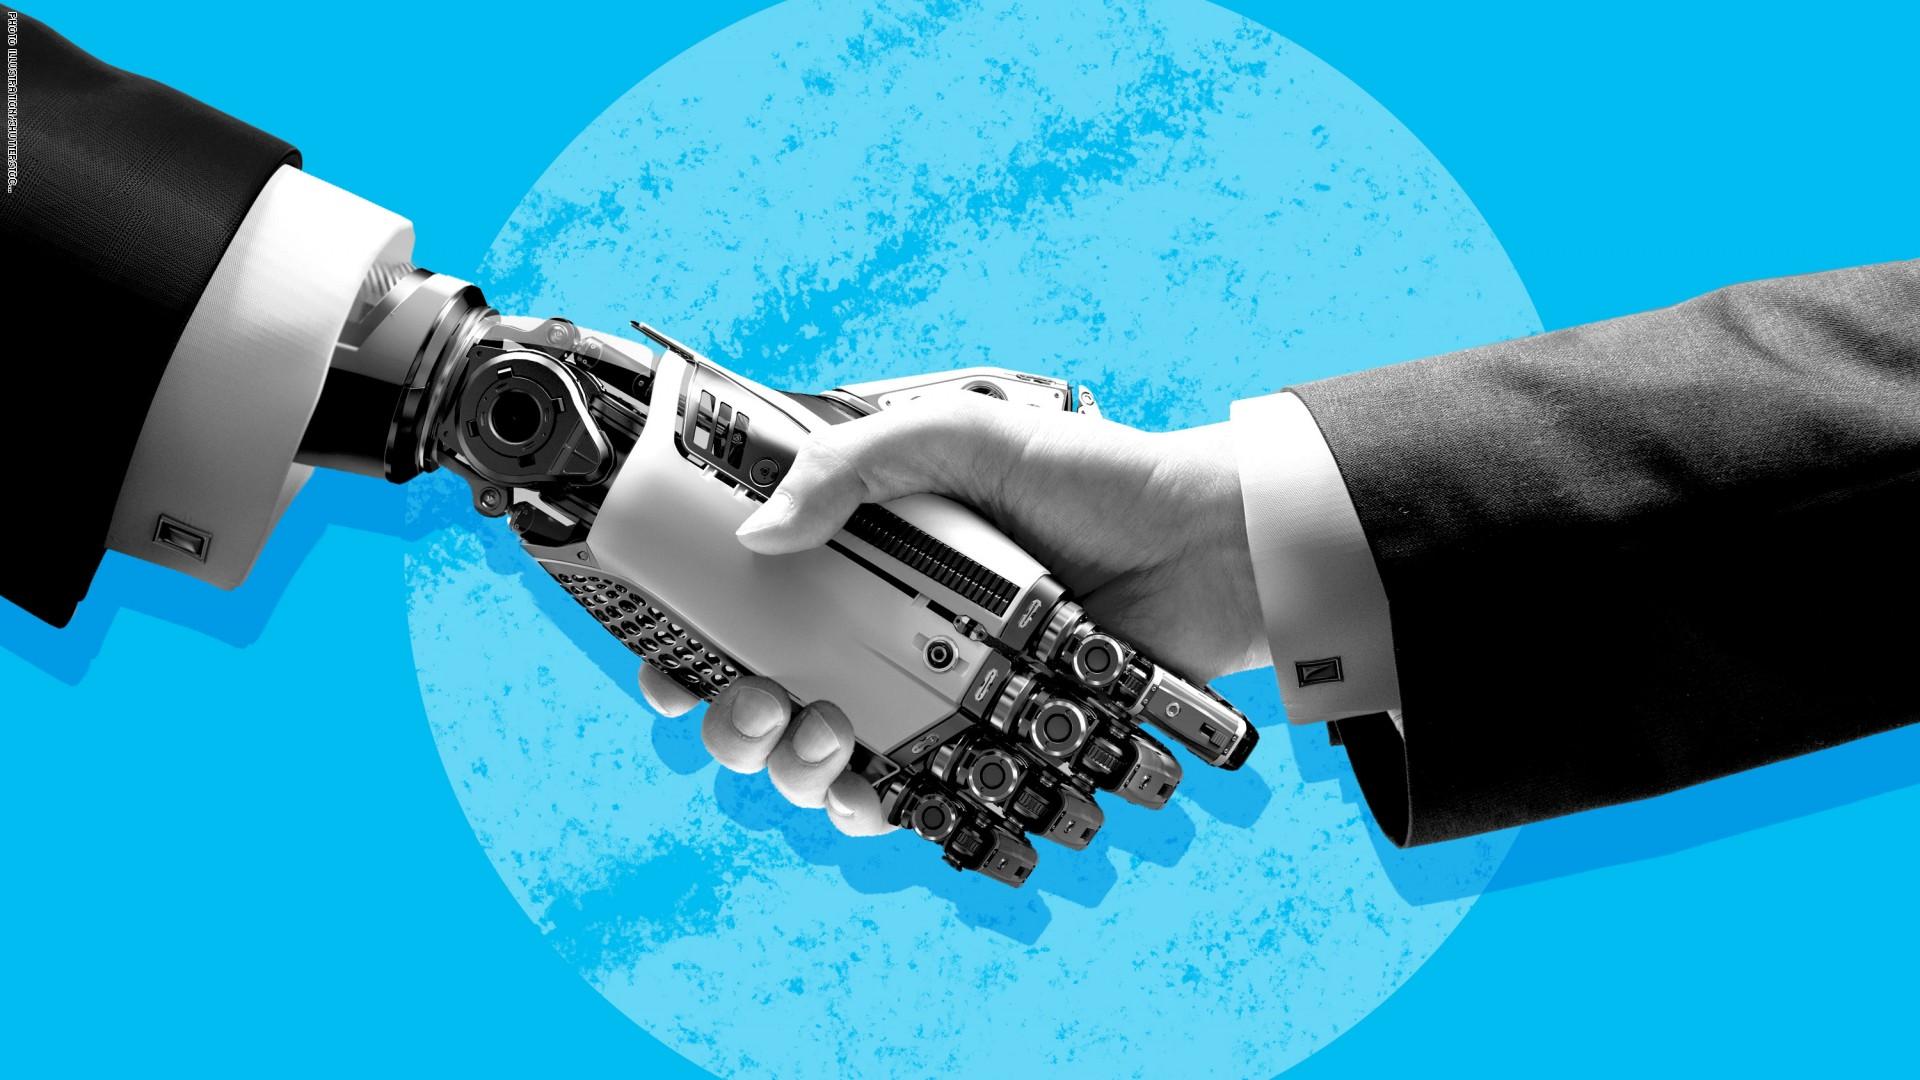 انفوجرافيك.. الروبوت يسرق وظائف الإنسان وينافسه في البيت